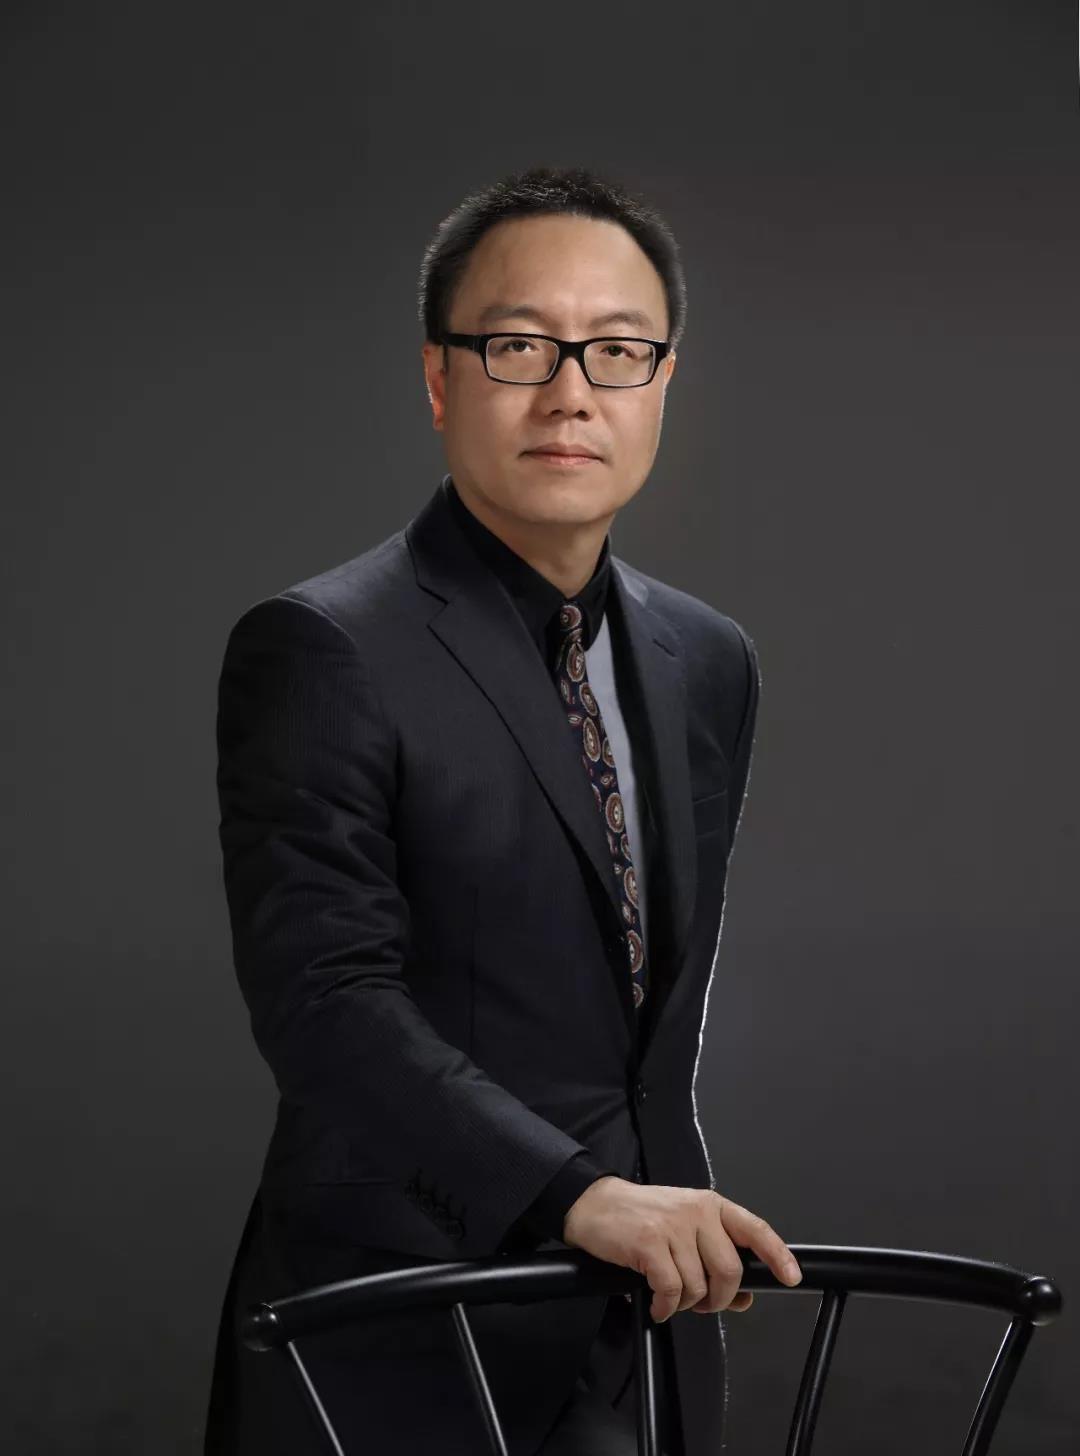 完美世界首席执行官 萧泓博士